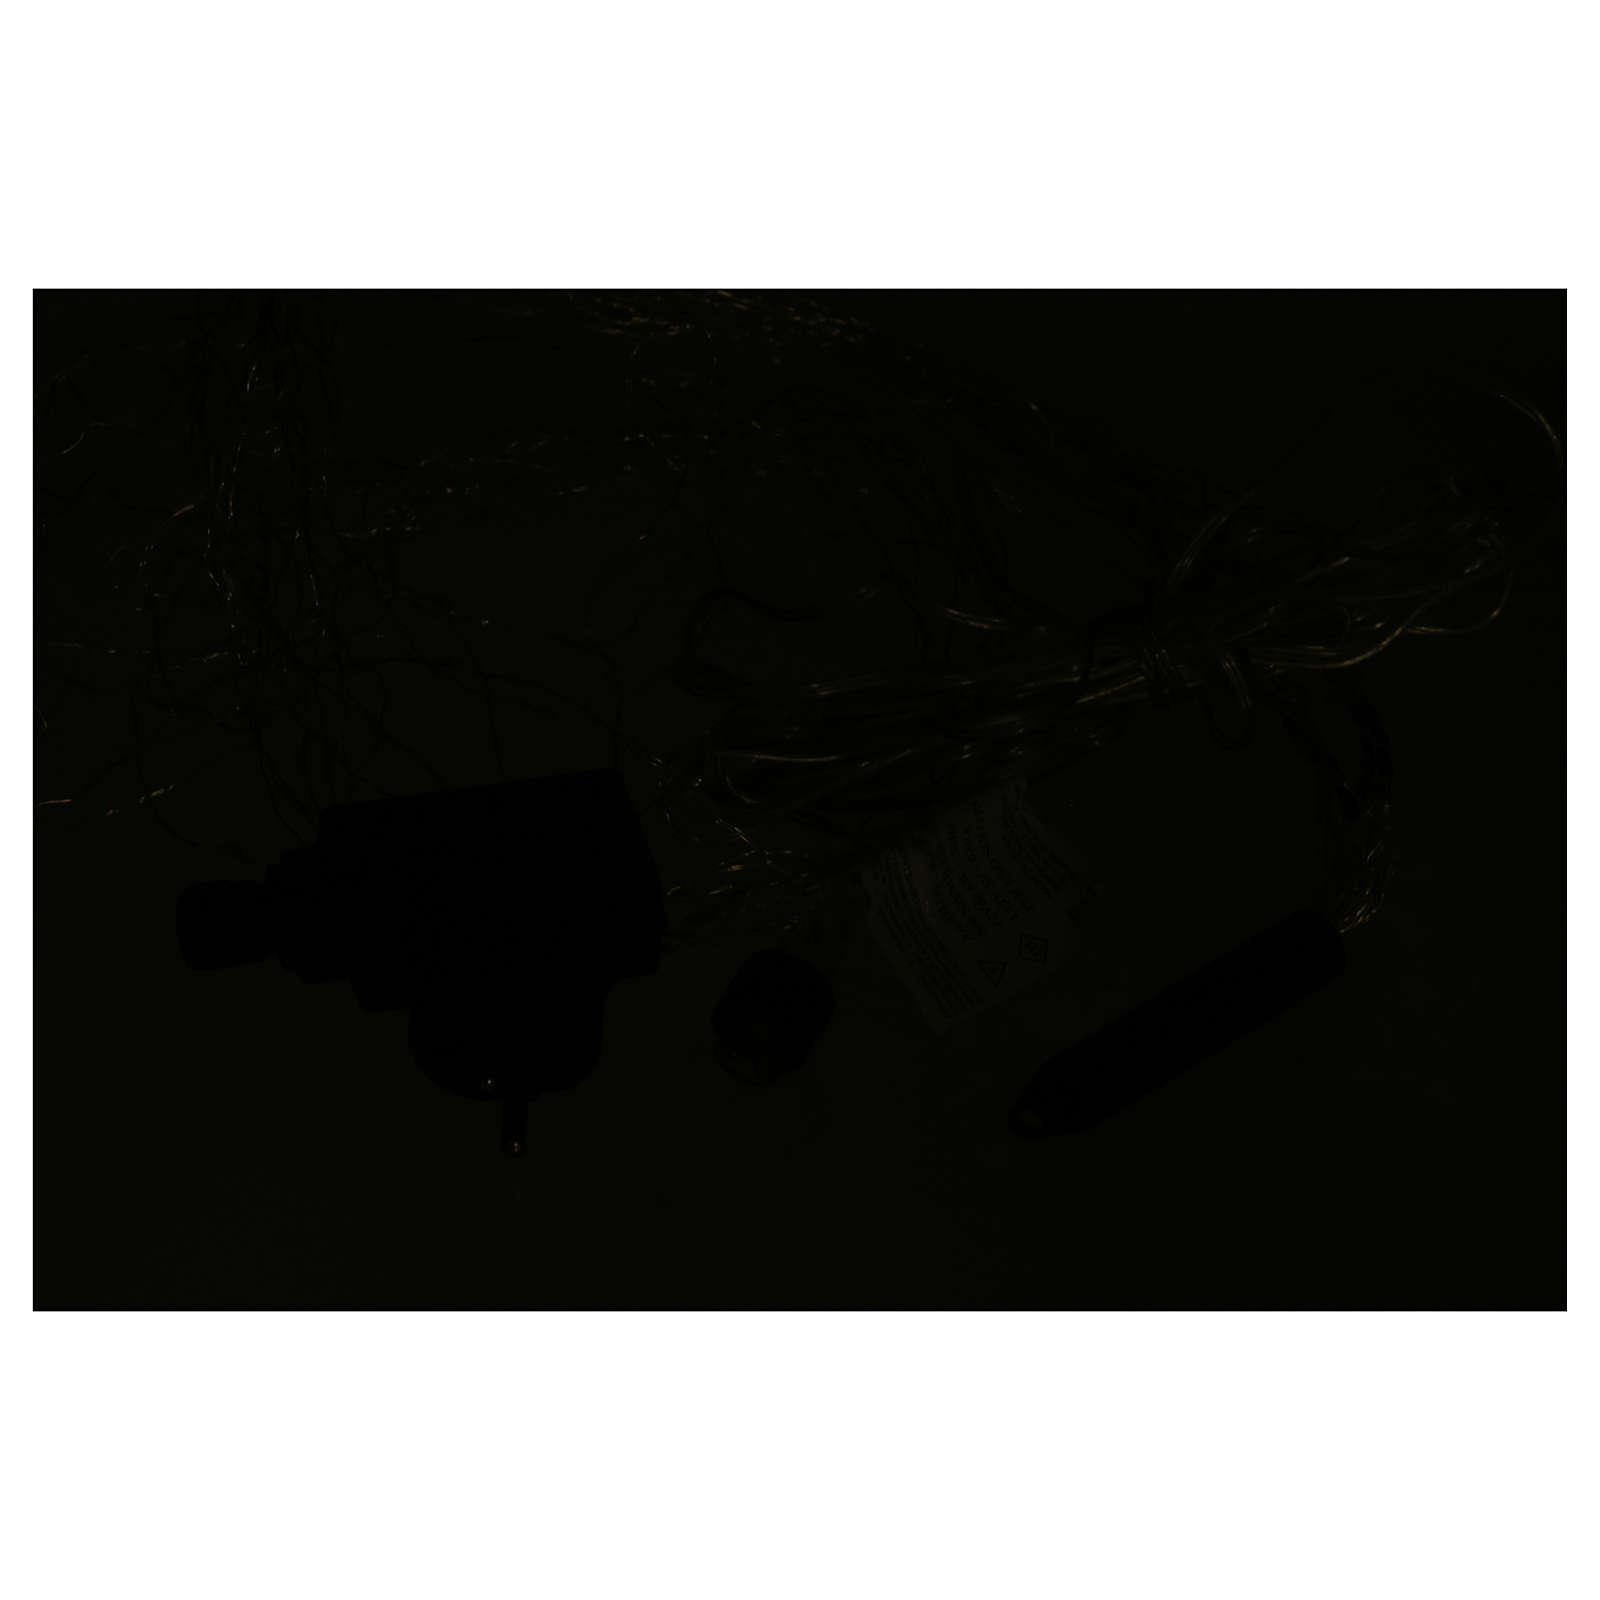 Cascata luci 360 nano led Bianco Ghiaccio 1,5 m uso interno 3